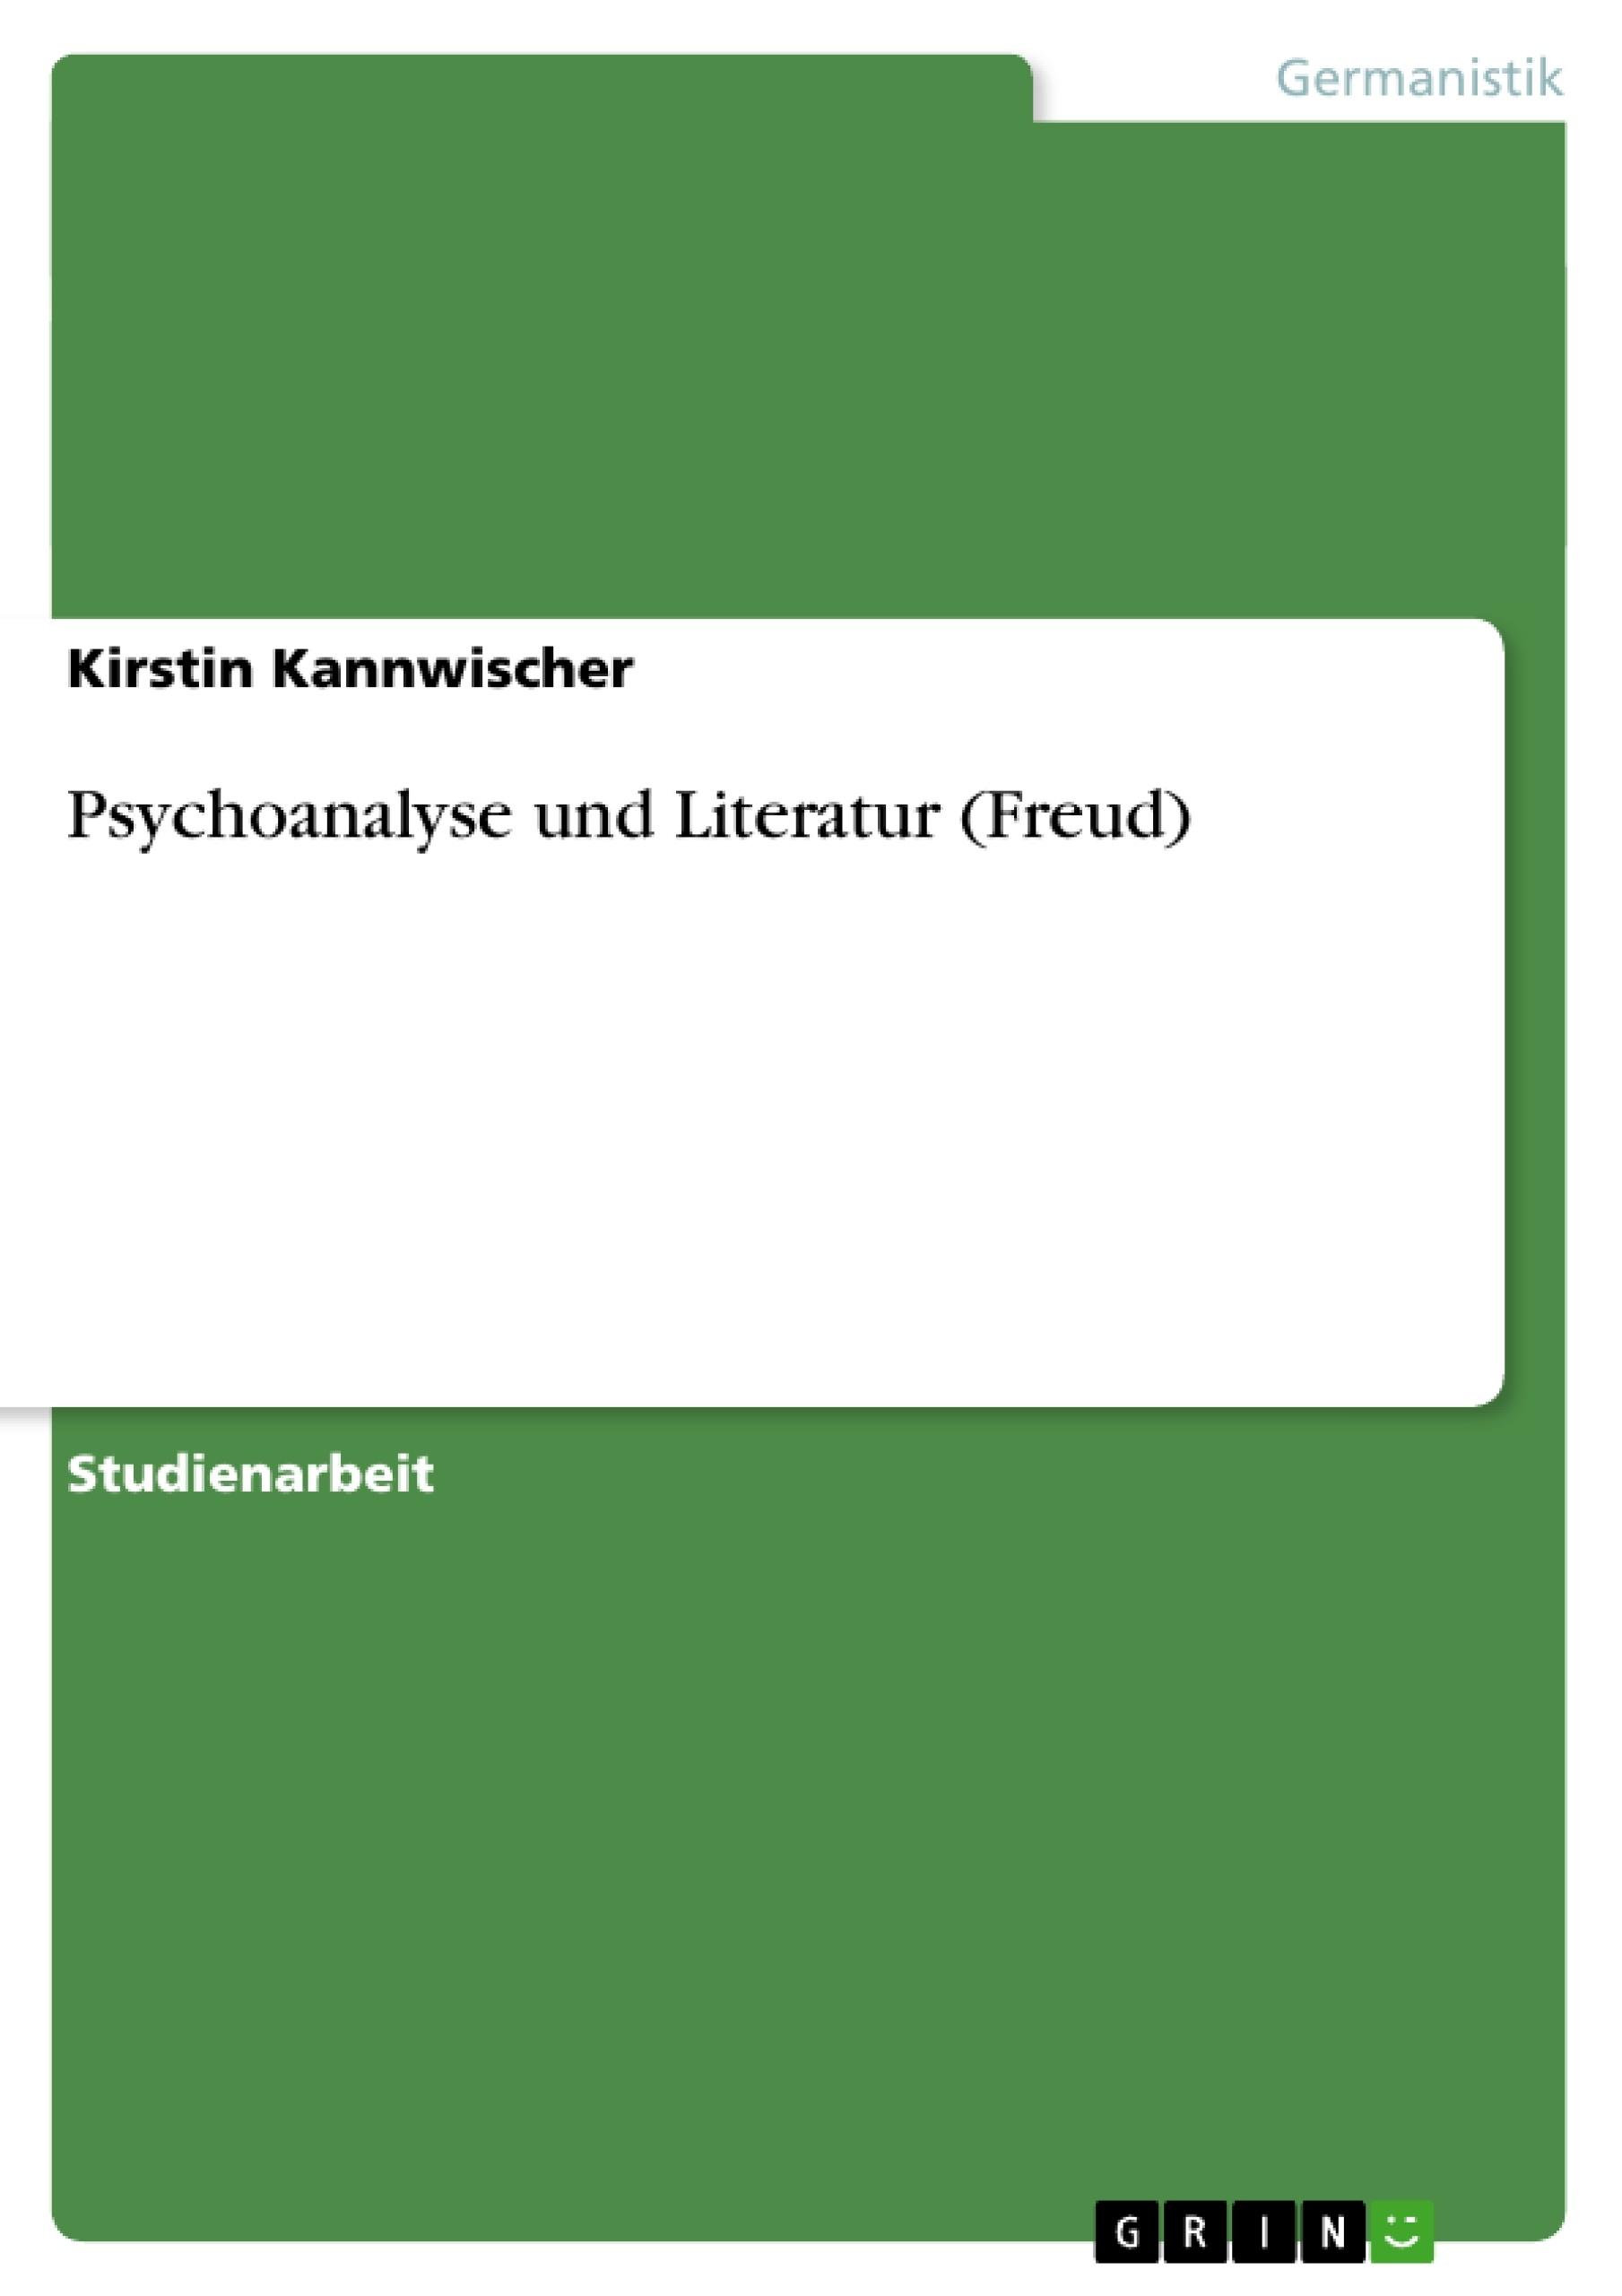 Titel: Psychoanalyse und Literatur (Freud)